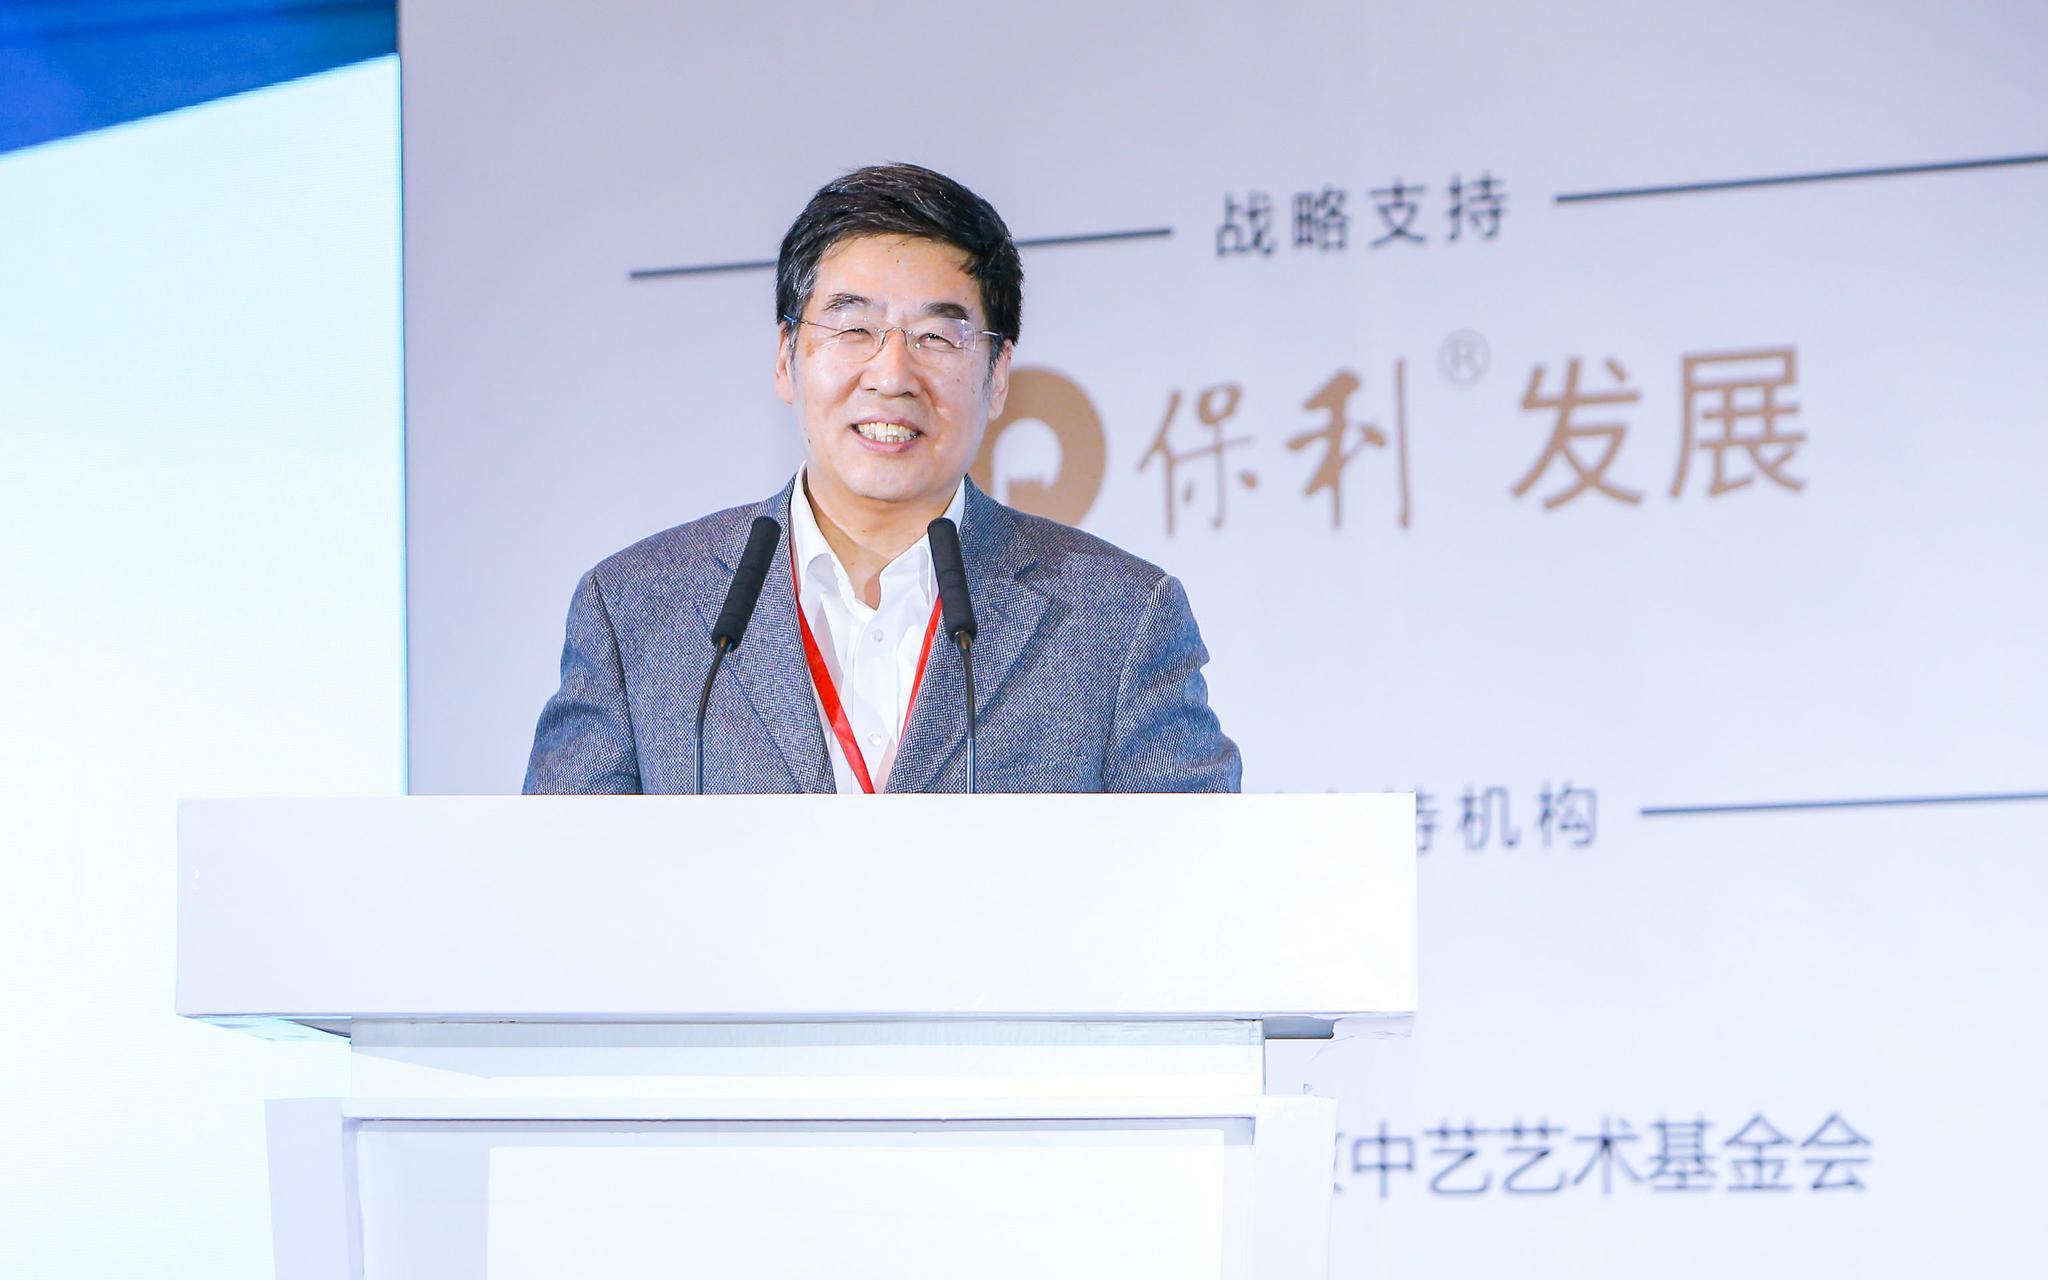 张军扩:今年中国经济增长符合预